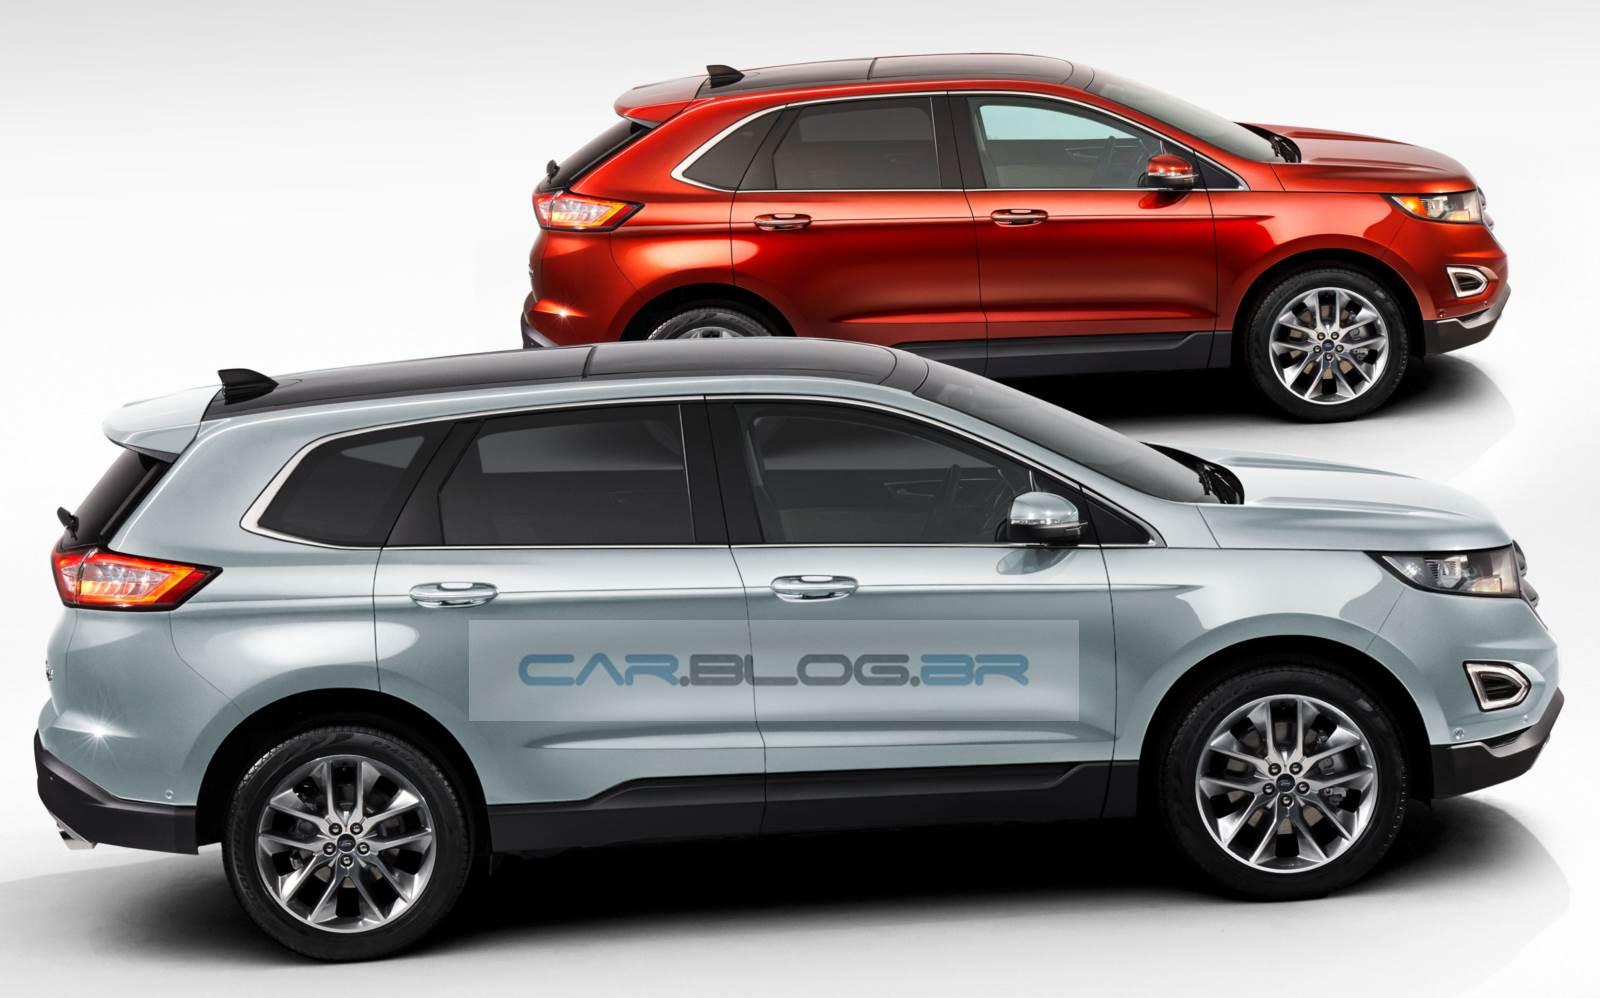 Ford Edge de 7 lugares: imagens antecipam nova versão | CAR.BLOG.BR